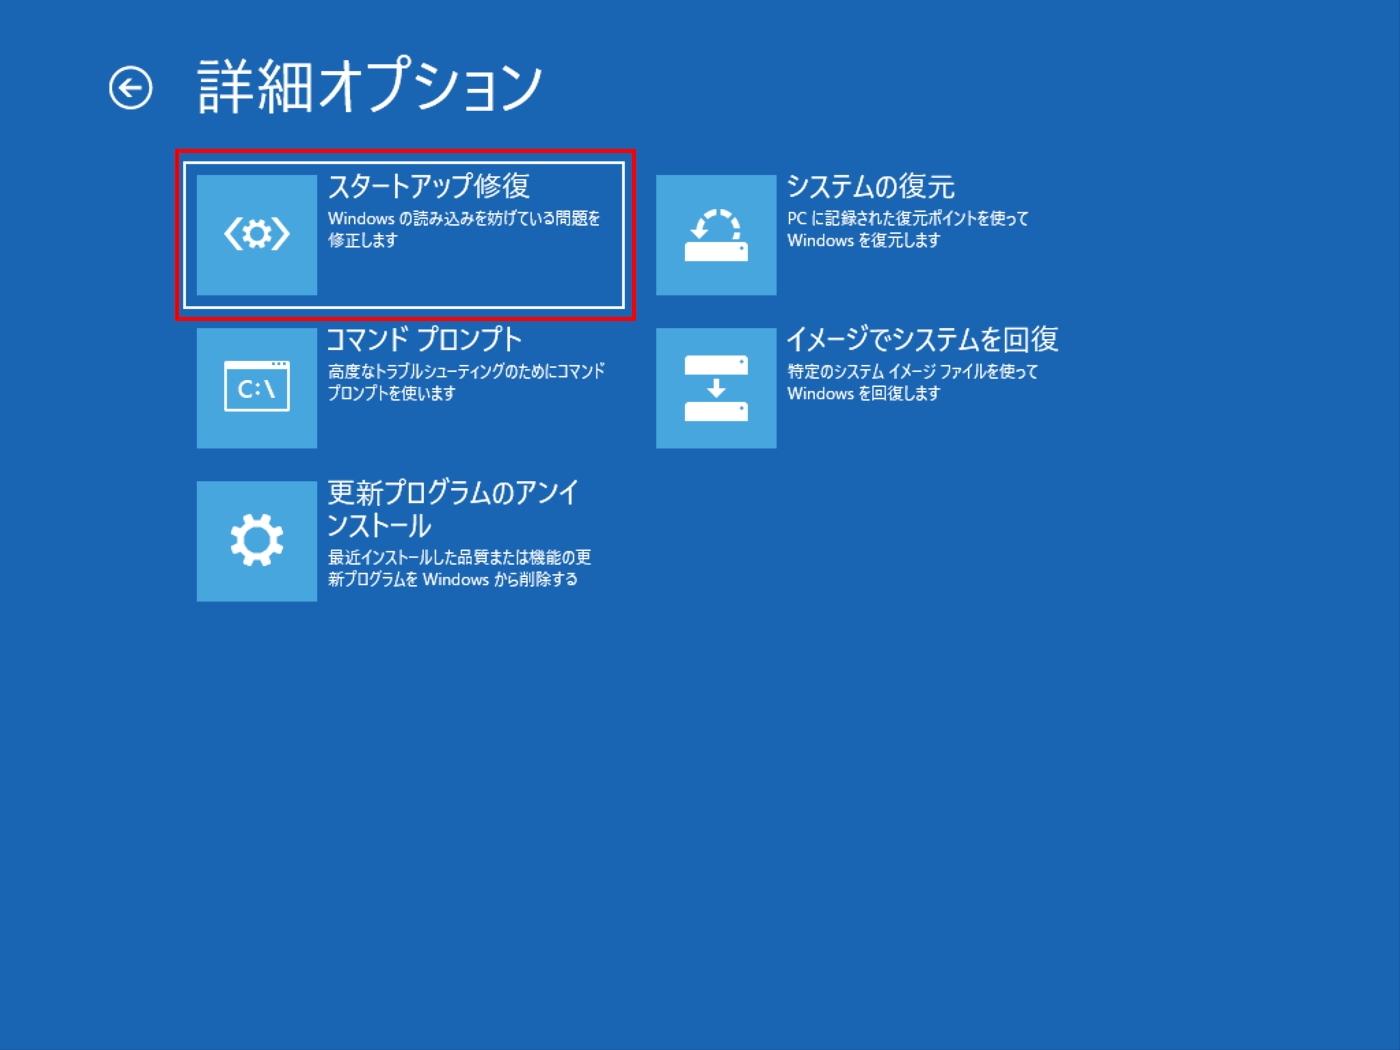 詳細オプション画面で「スタートアップ修復」をクリックする。次の画面で「Windows 10」を選べばスタートアップ修復が実行される。あとの操作は同様だ